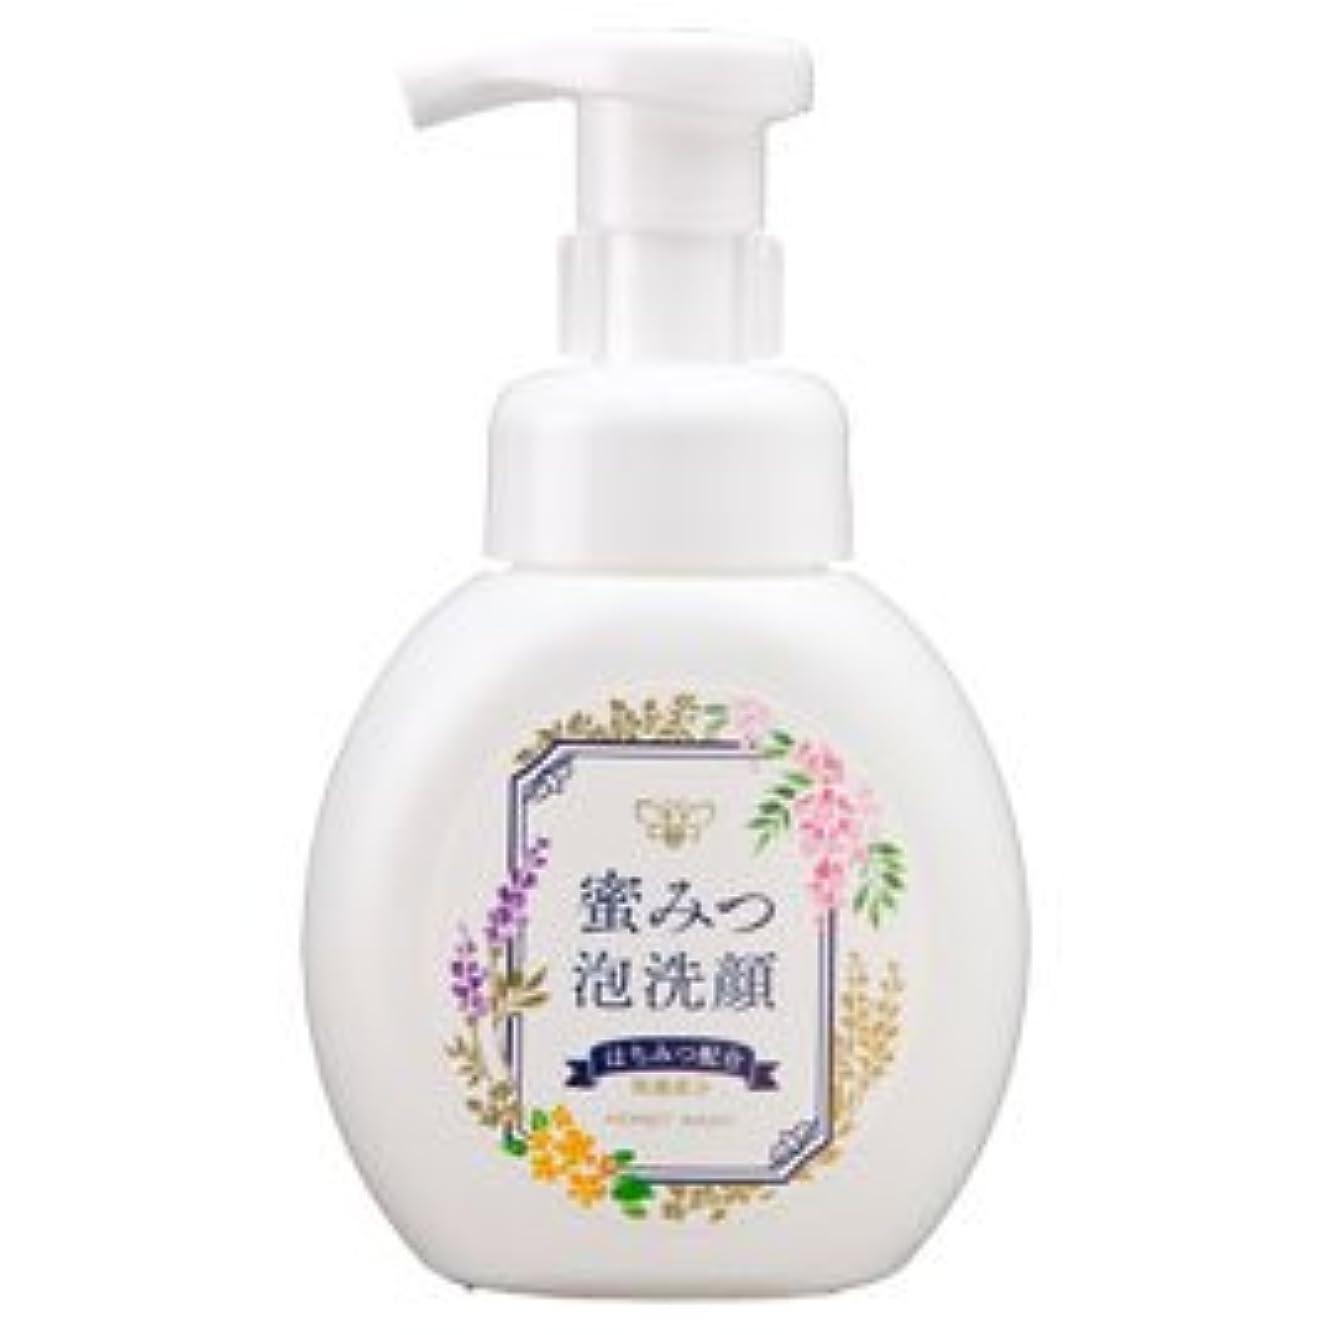 垂直重要性プロット蜜みつ泡洗顔 250mL